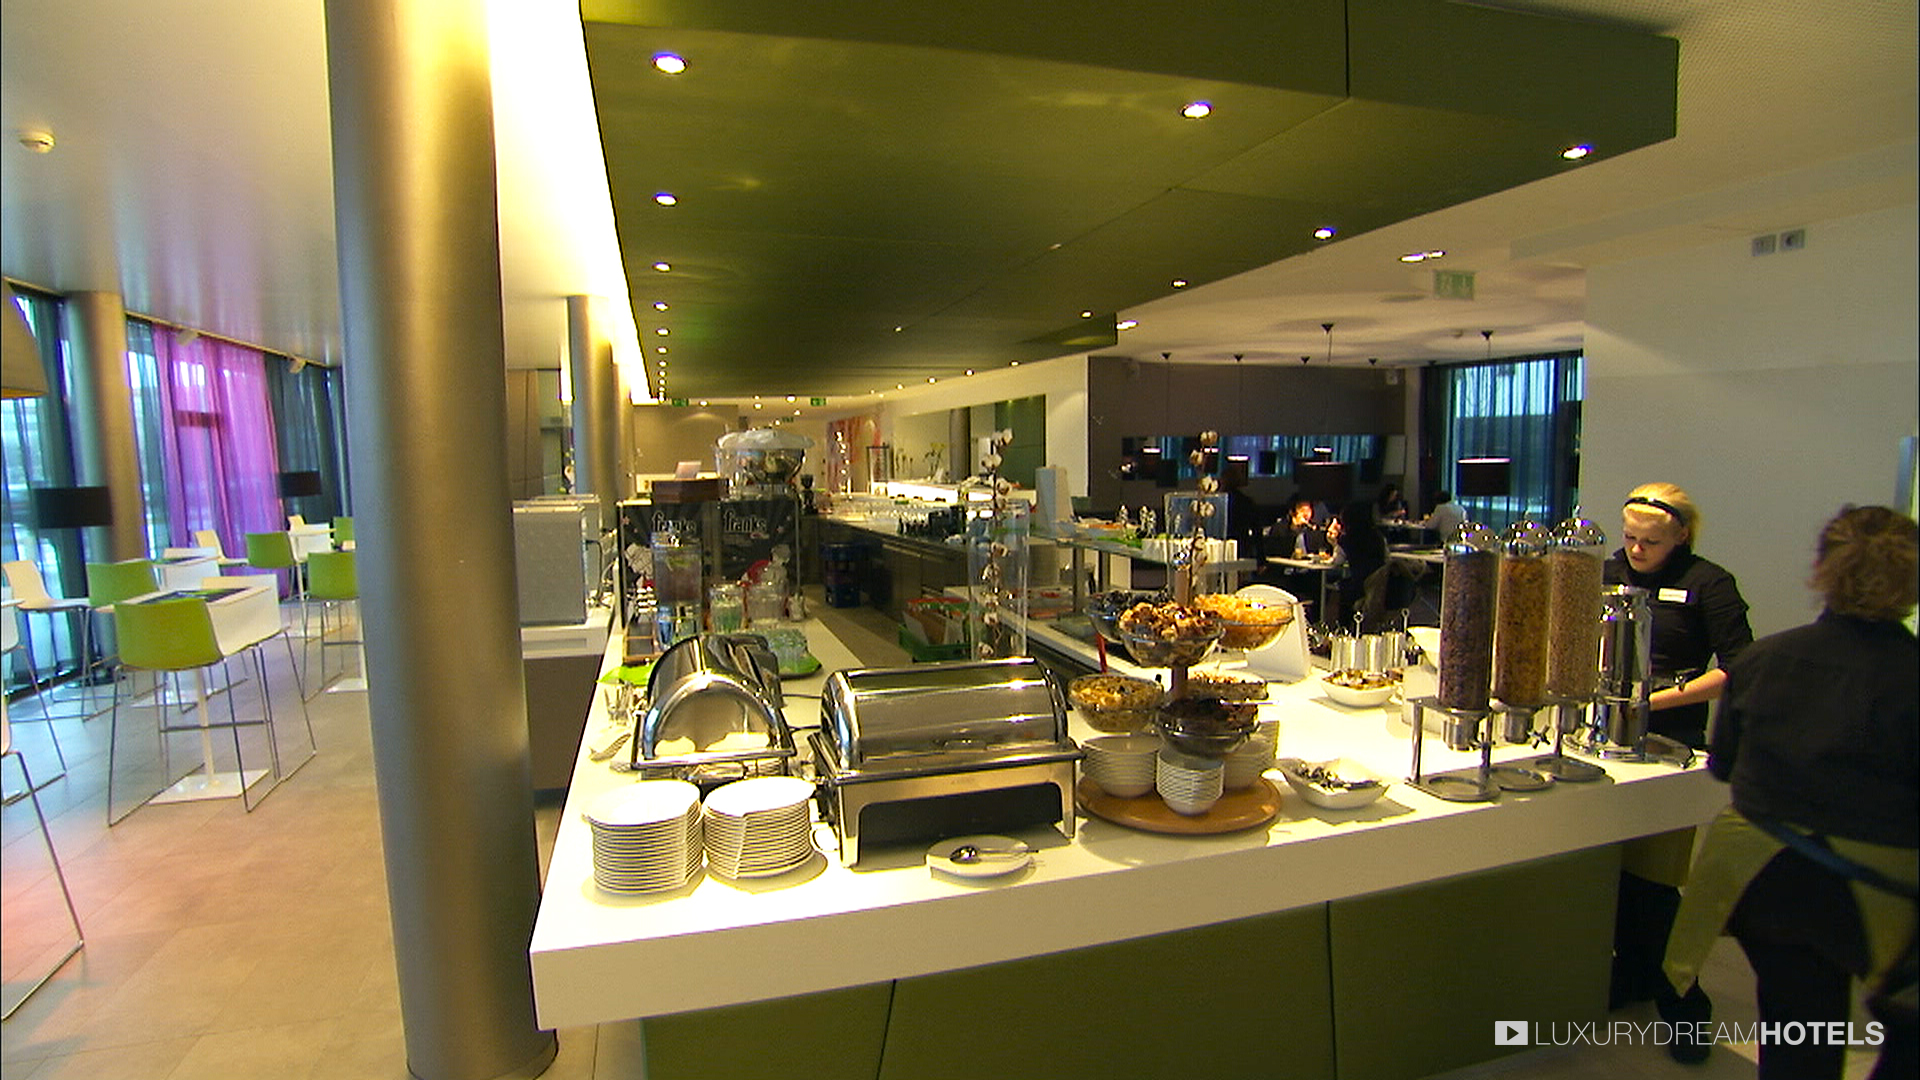 Luxury Hotel Roomz Vienna Vienna Austria Luxury Dream Hotels